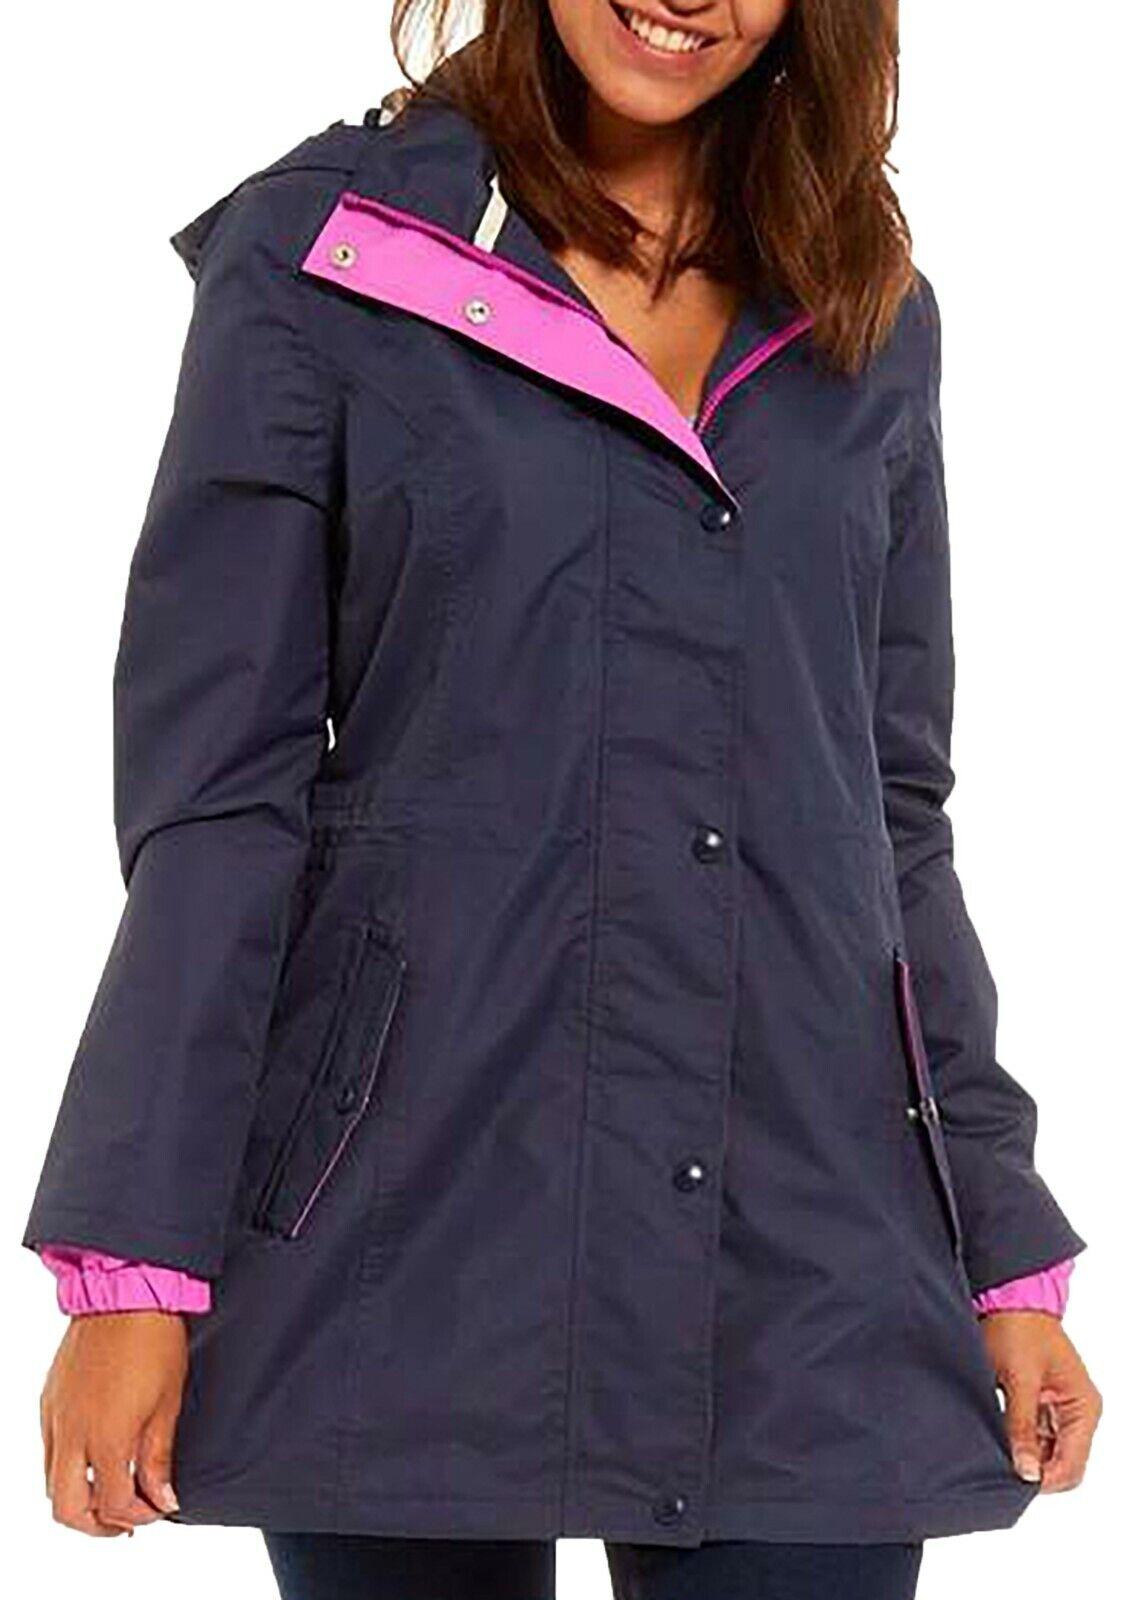 Women's New Navy Blue Parker Rain Coat Waterproof Windproof Jacket Ladies